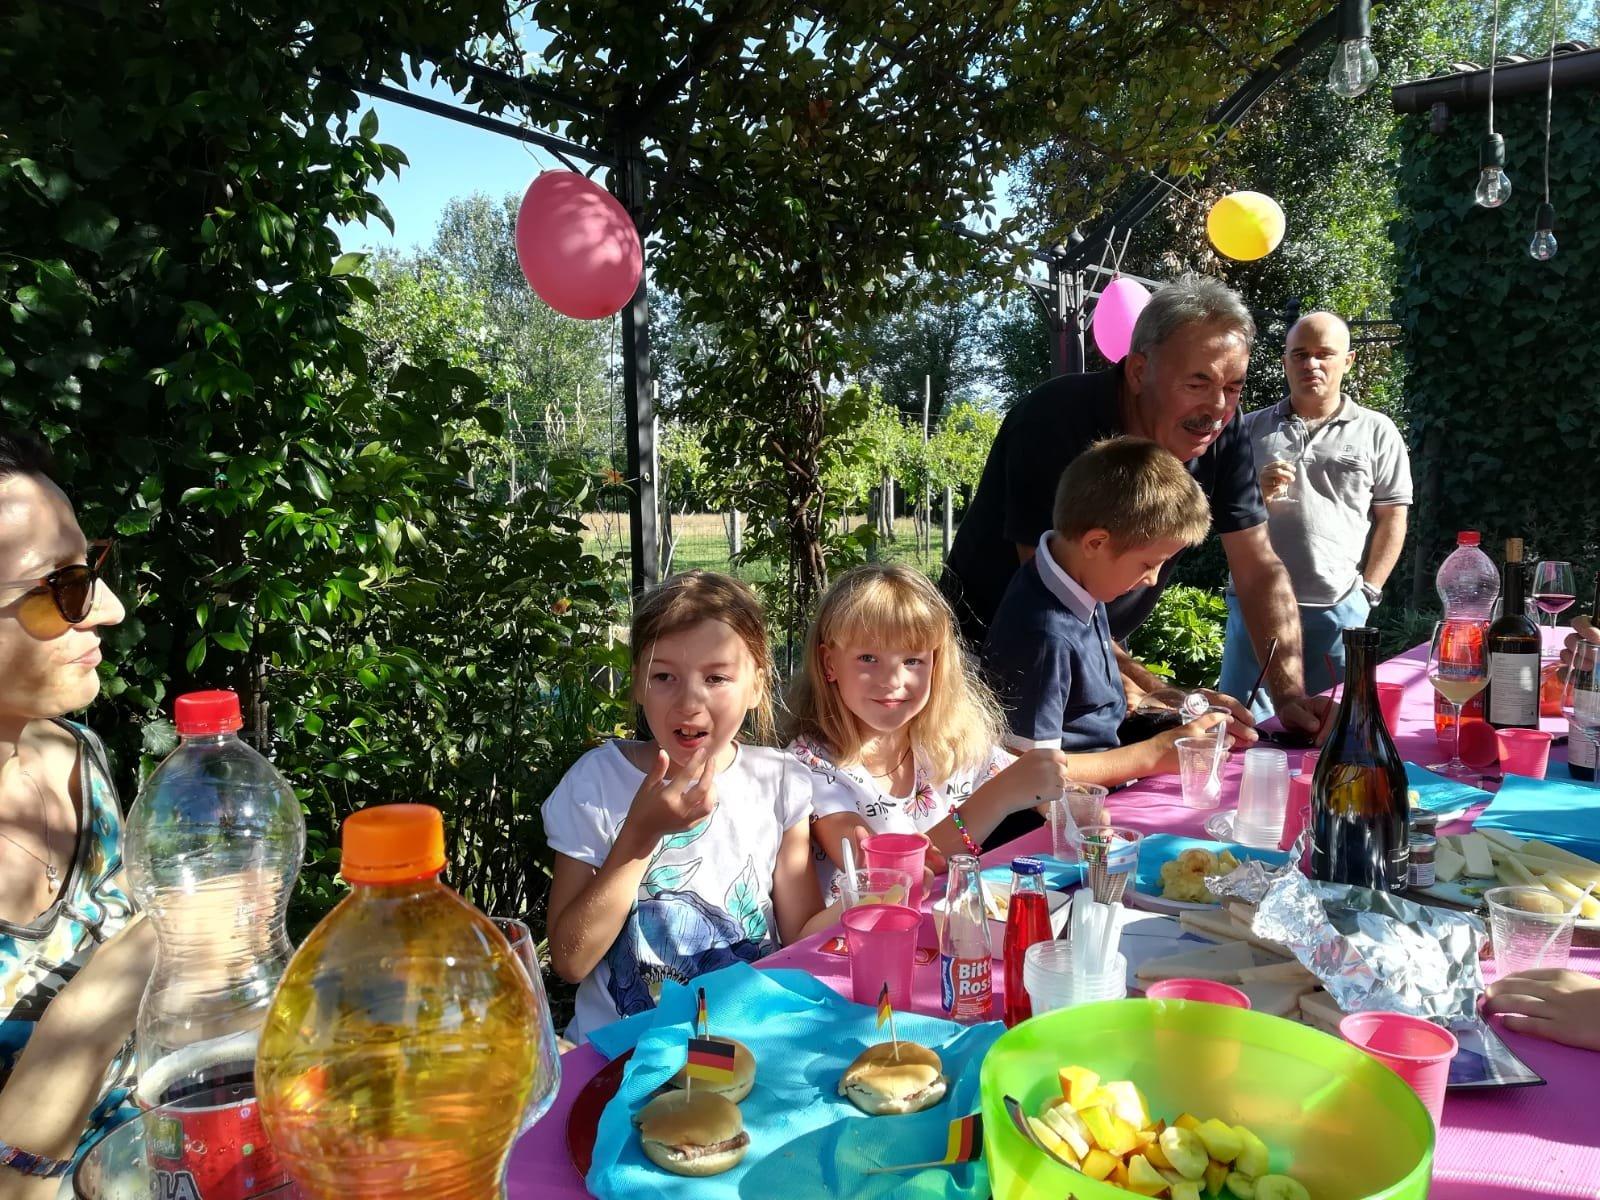 25-Bellissima giornata, festeggiando il compleanno di Valeria con alcune famiglie di ABC. Grazie a Luciana, Franco, Mara e Massimo..